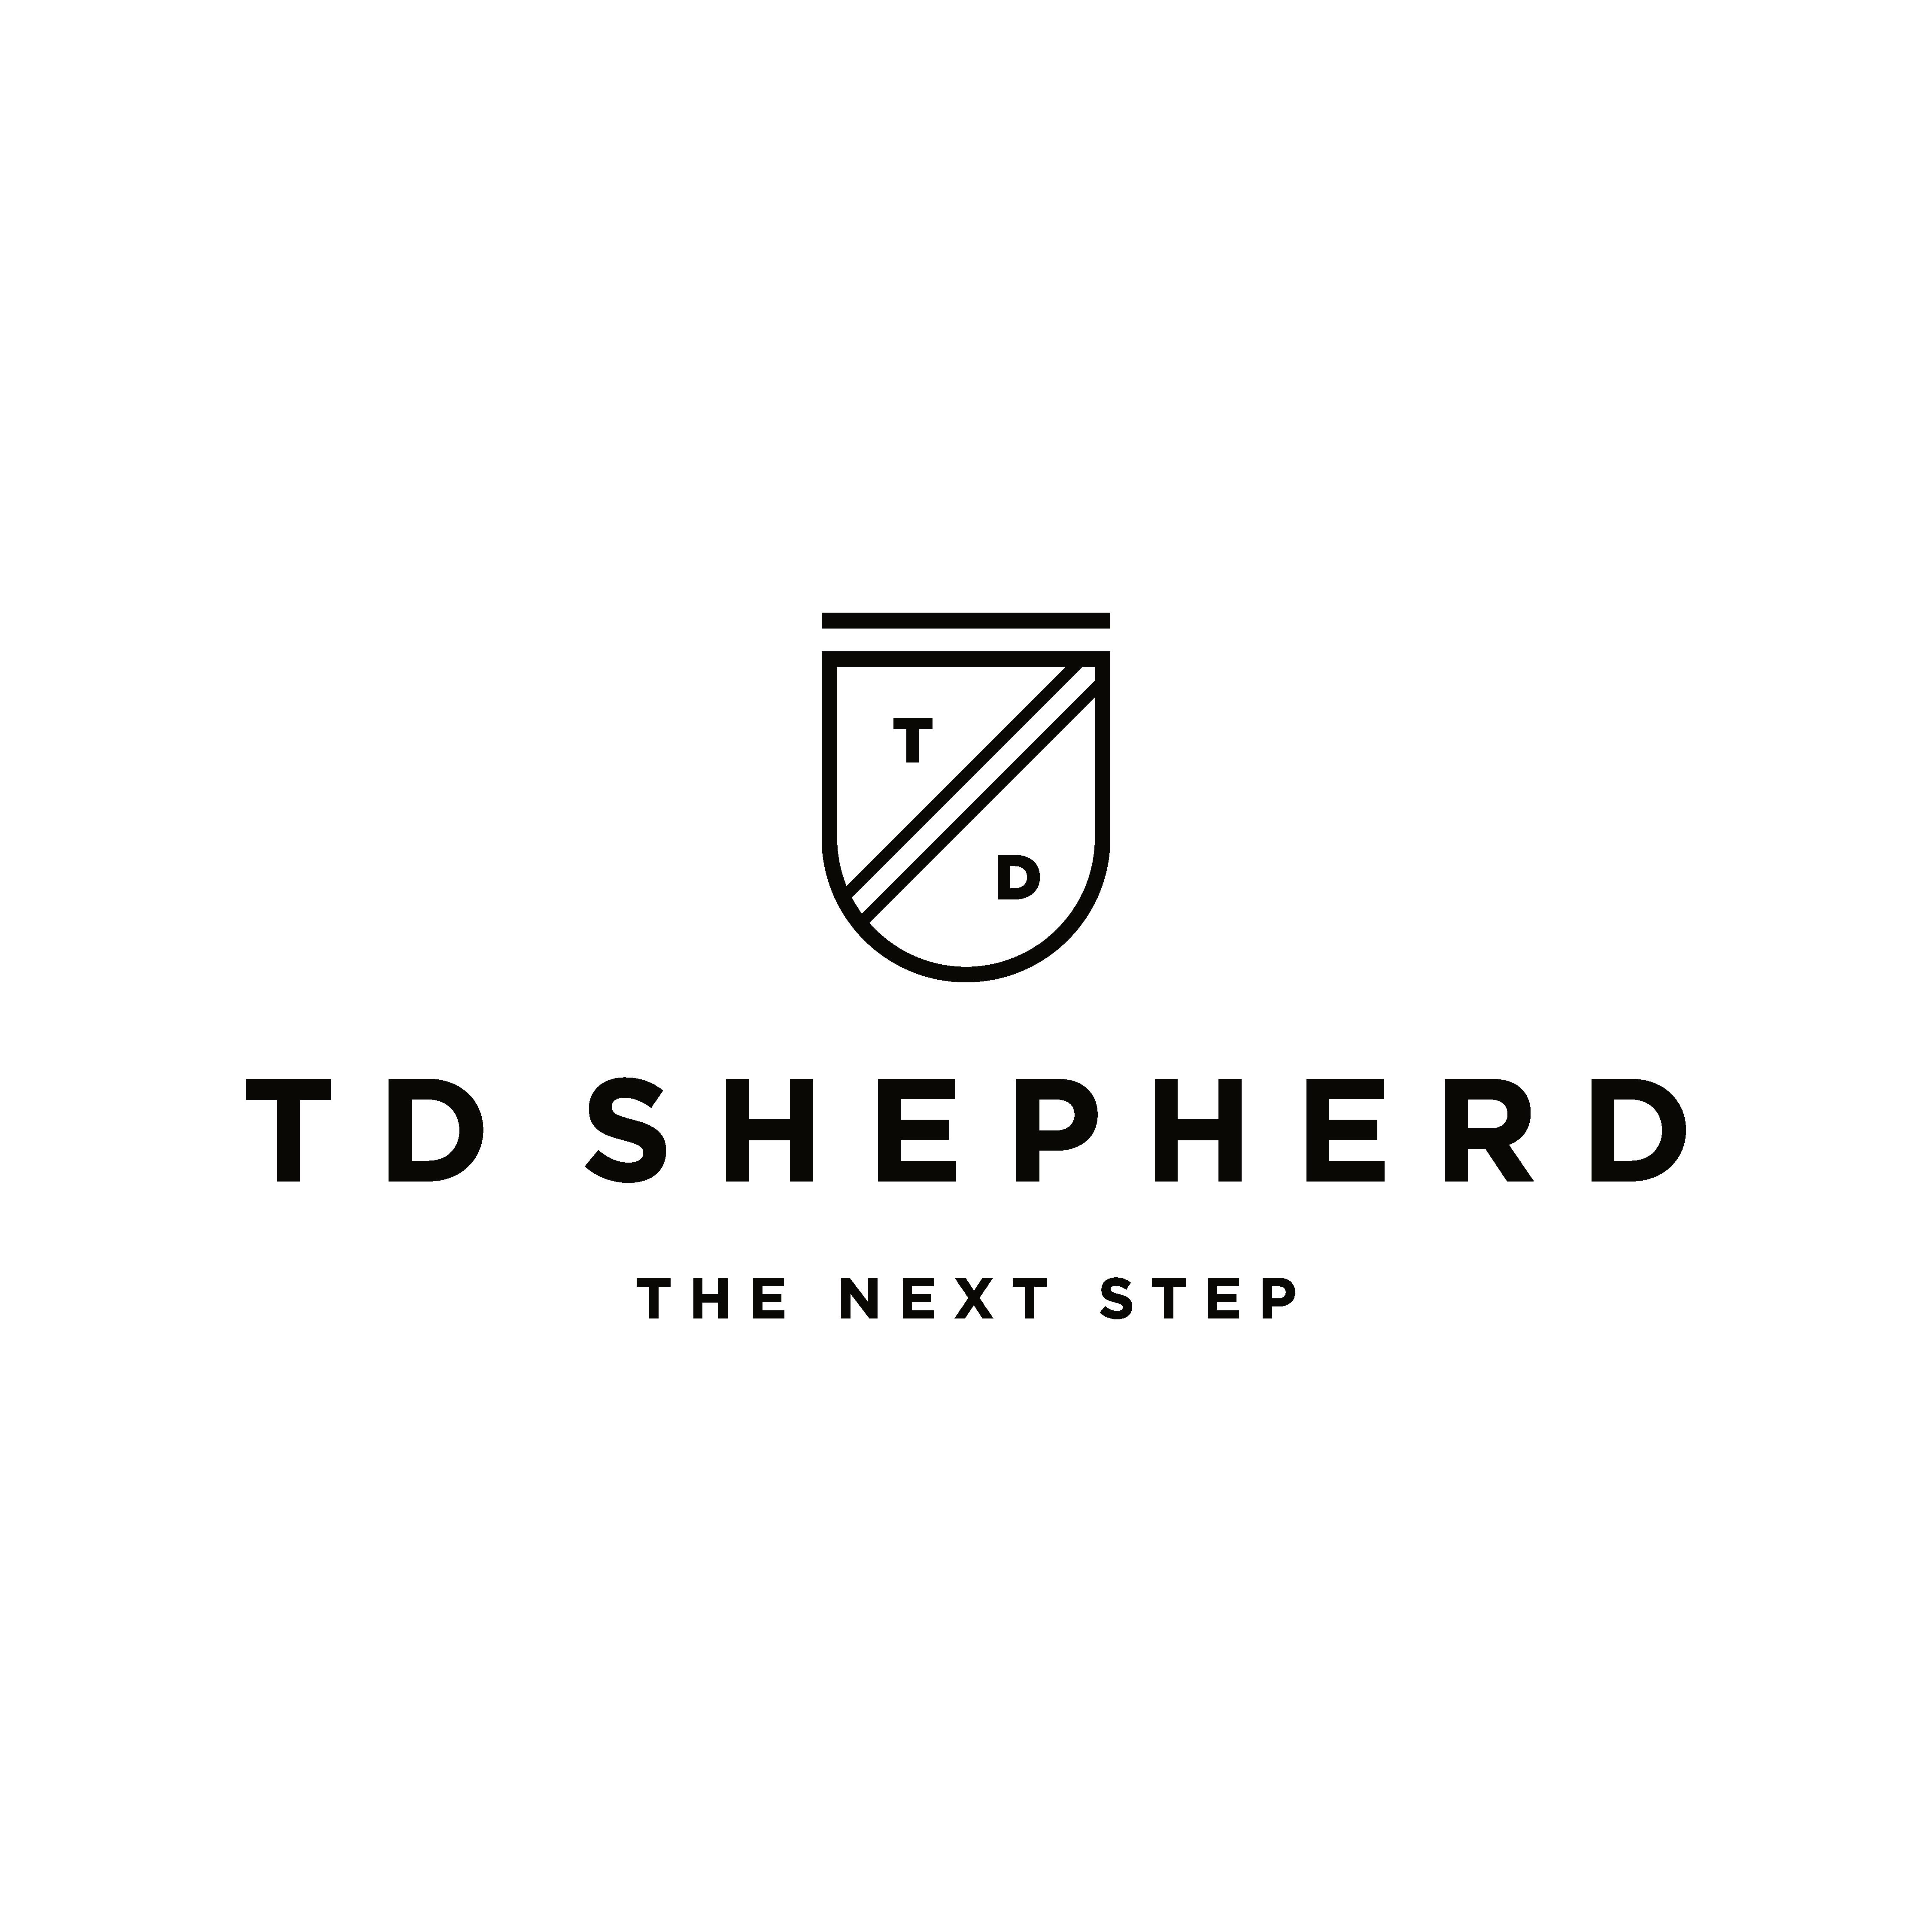 TD Shepherd